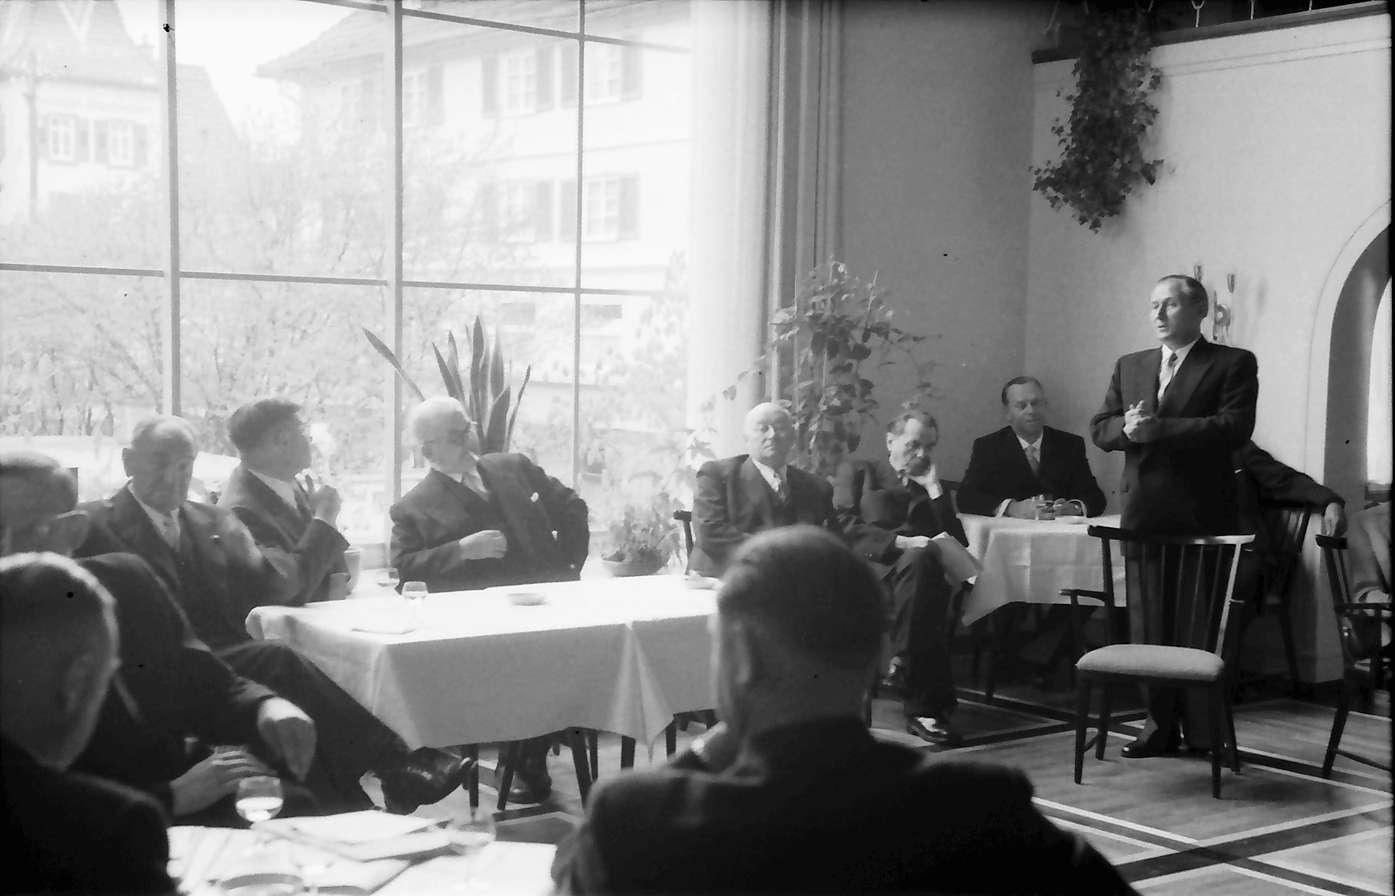 Freudenstadt: Kurhaus; Pressekonferenz im kleinen Kursaal, Bild 1